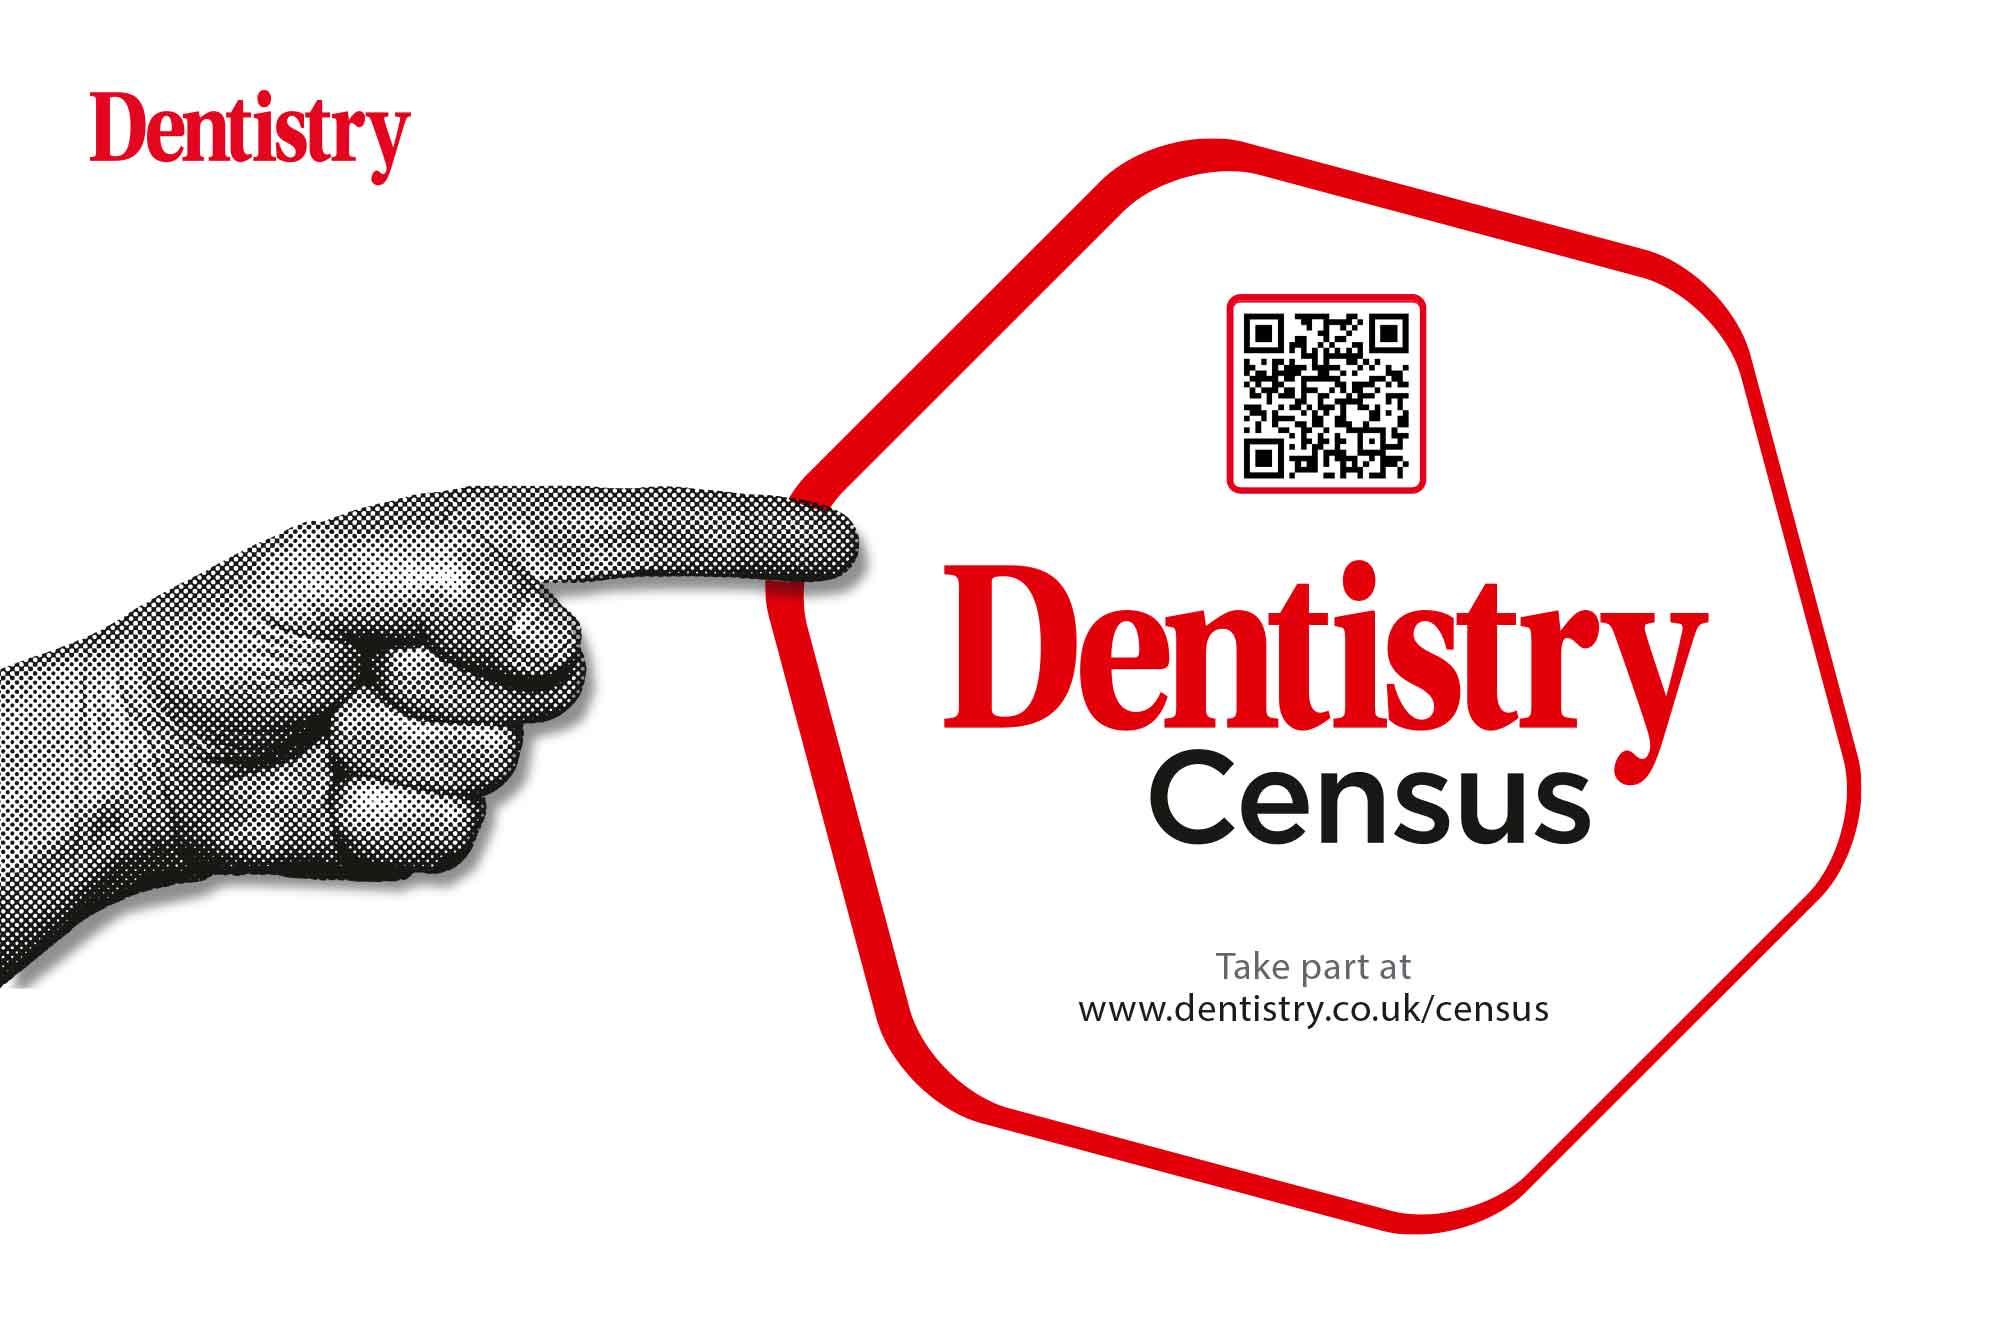 Dentistry Census